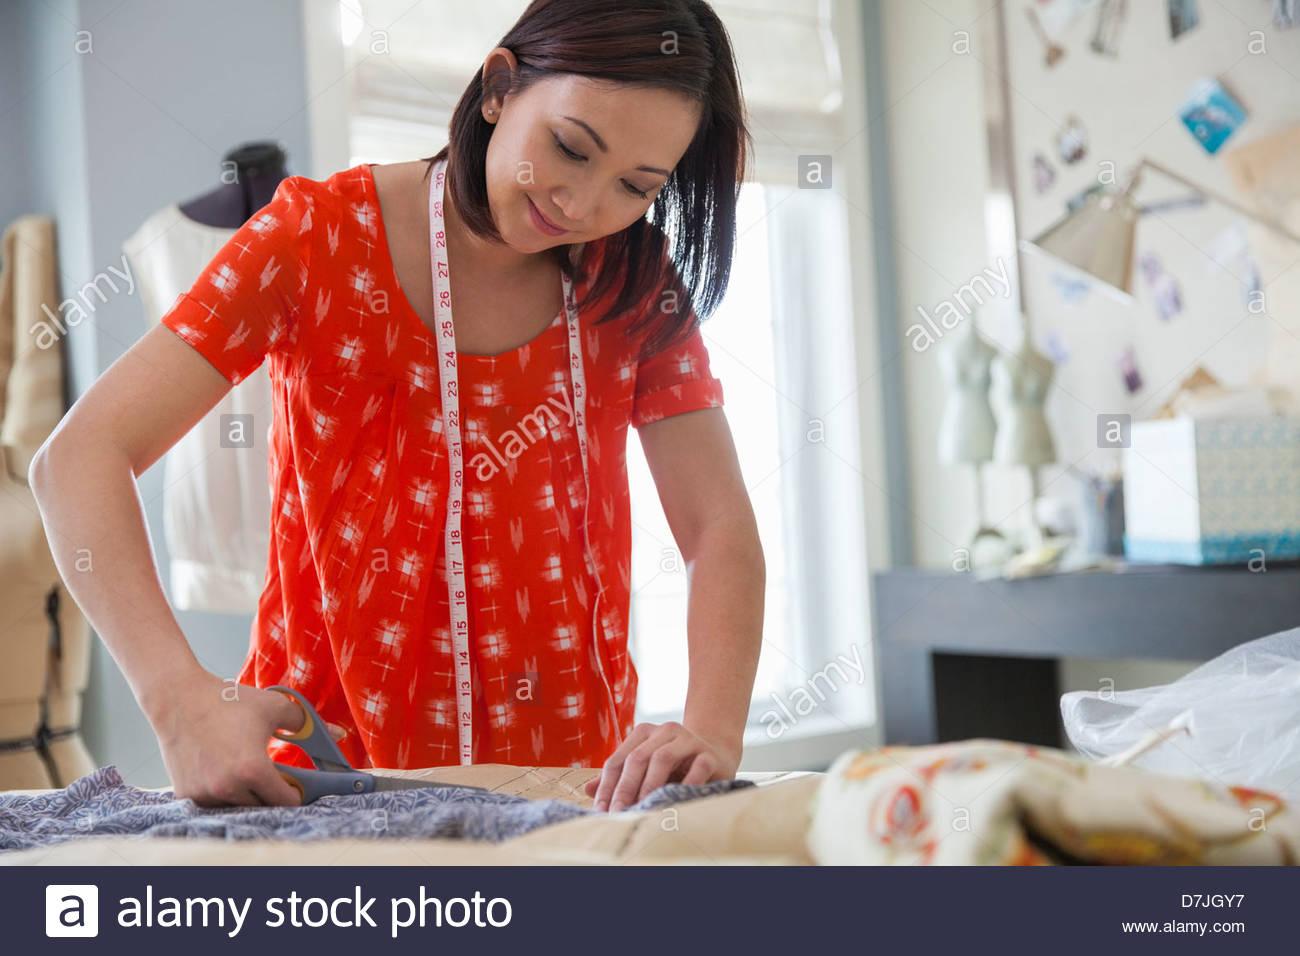 Costurera femenina trabaja en home studio Imagen De Stock